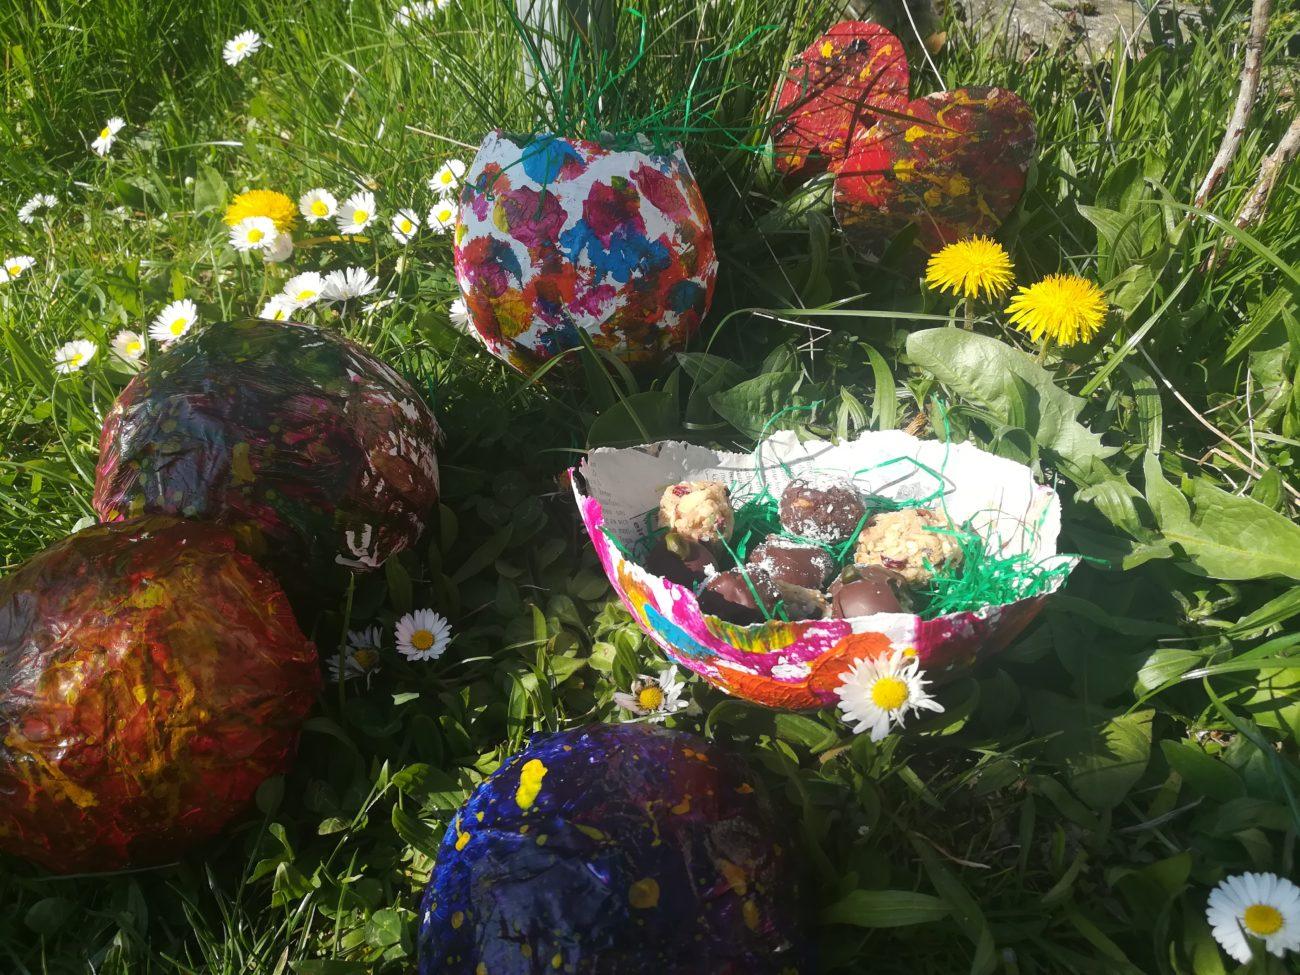 DIY Osternest mit leckerer Überraschung